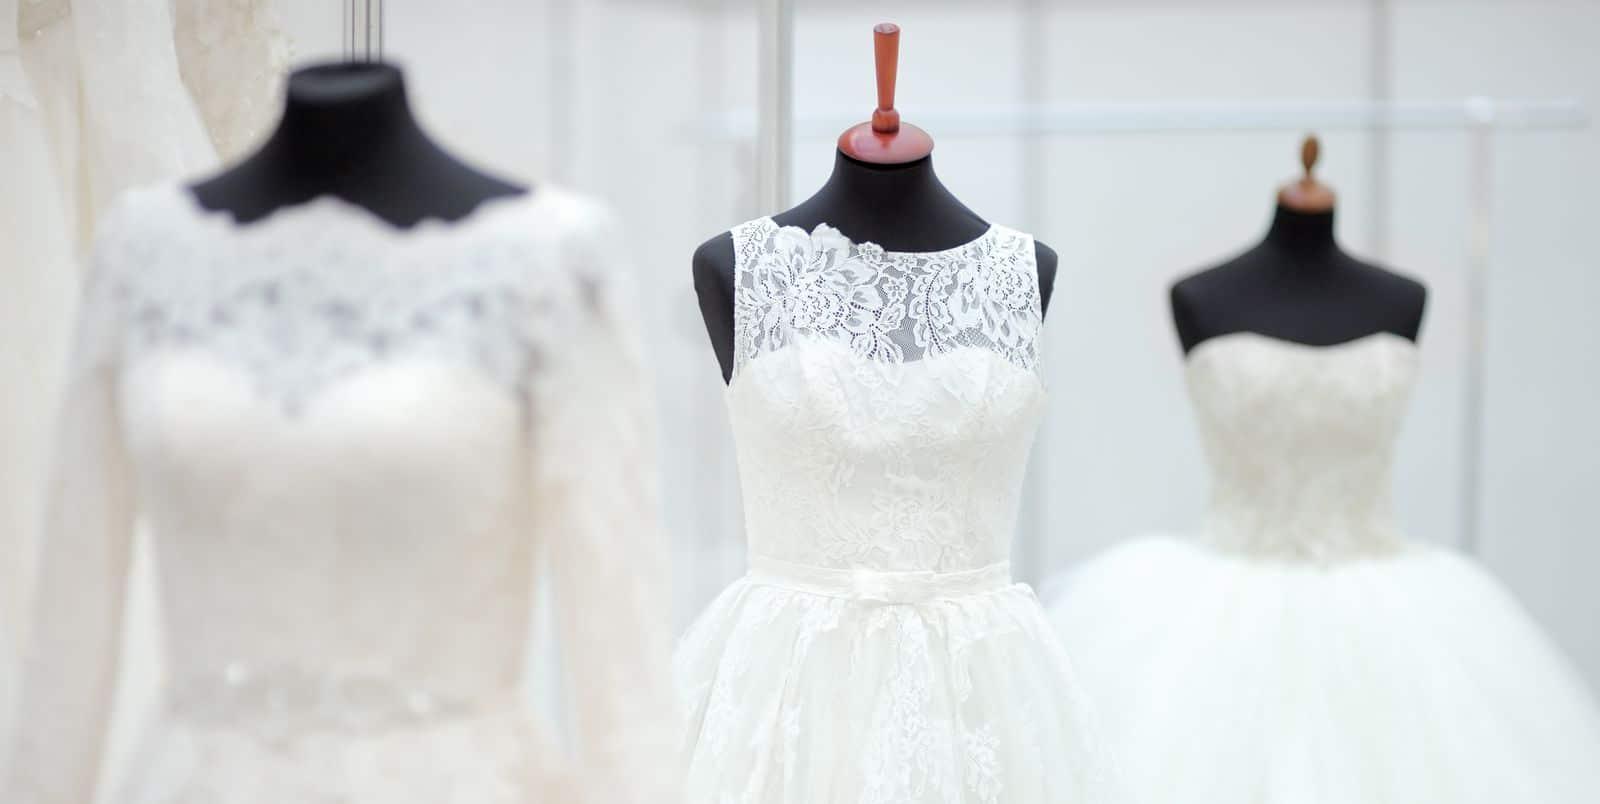 Brautkleider auf Kleiderpuppe